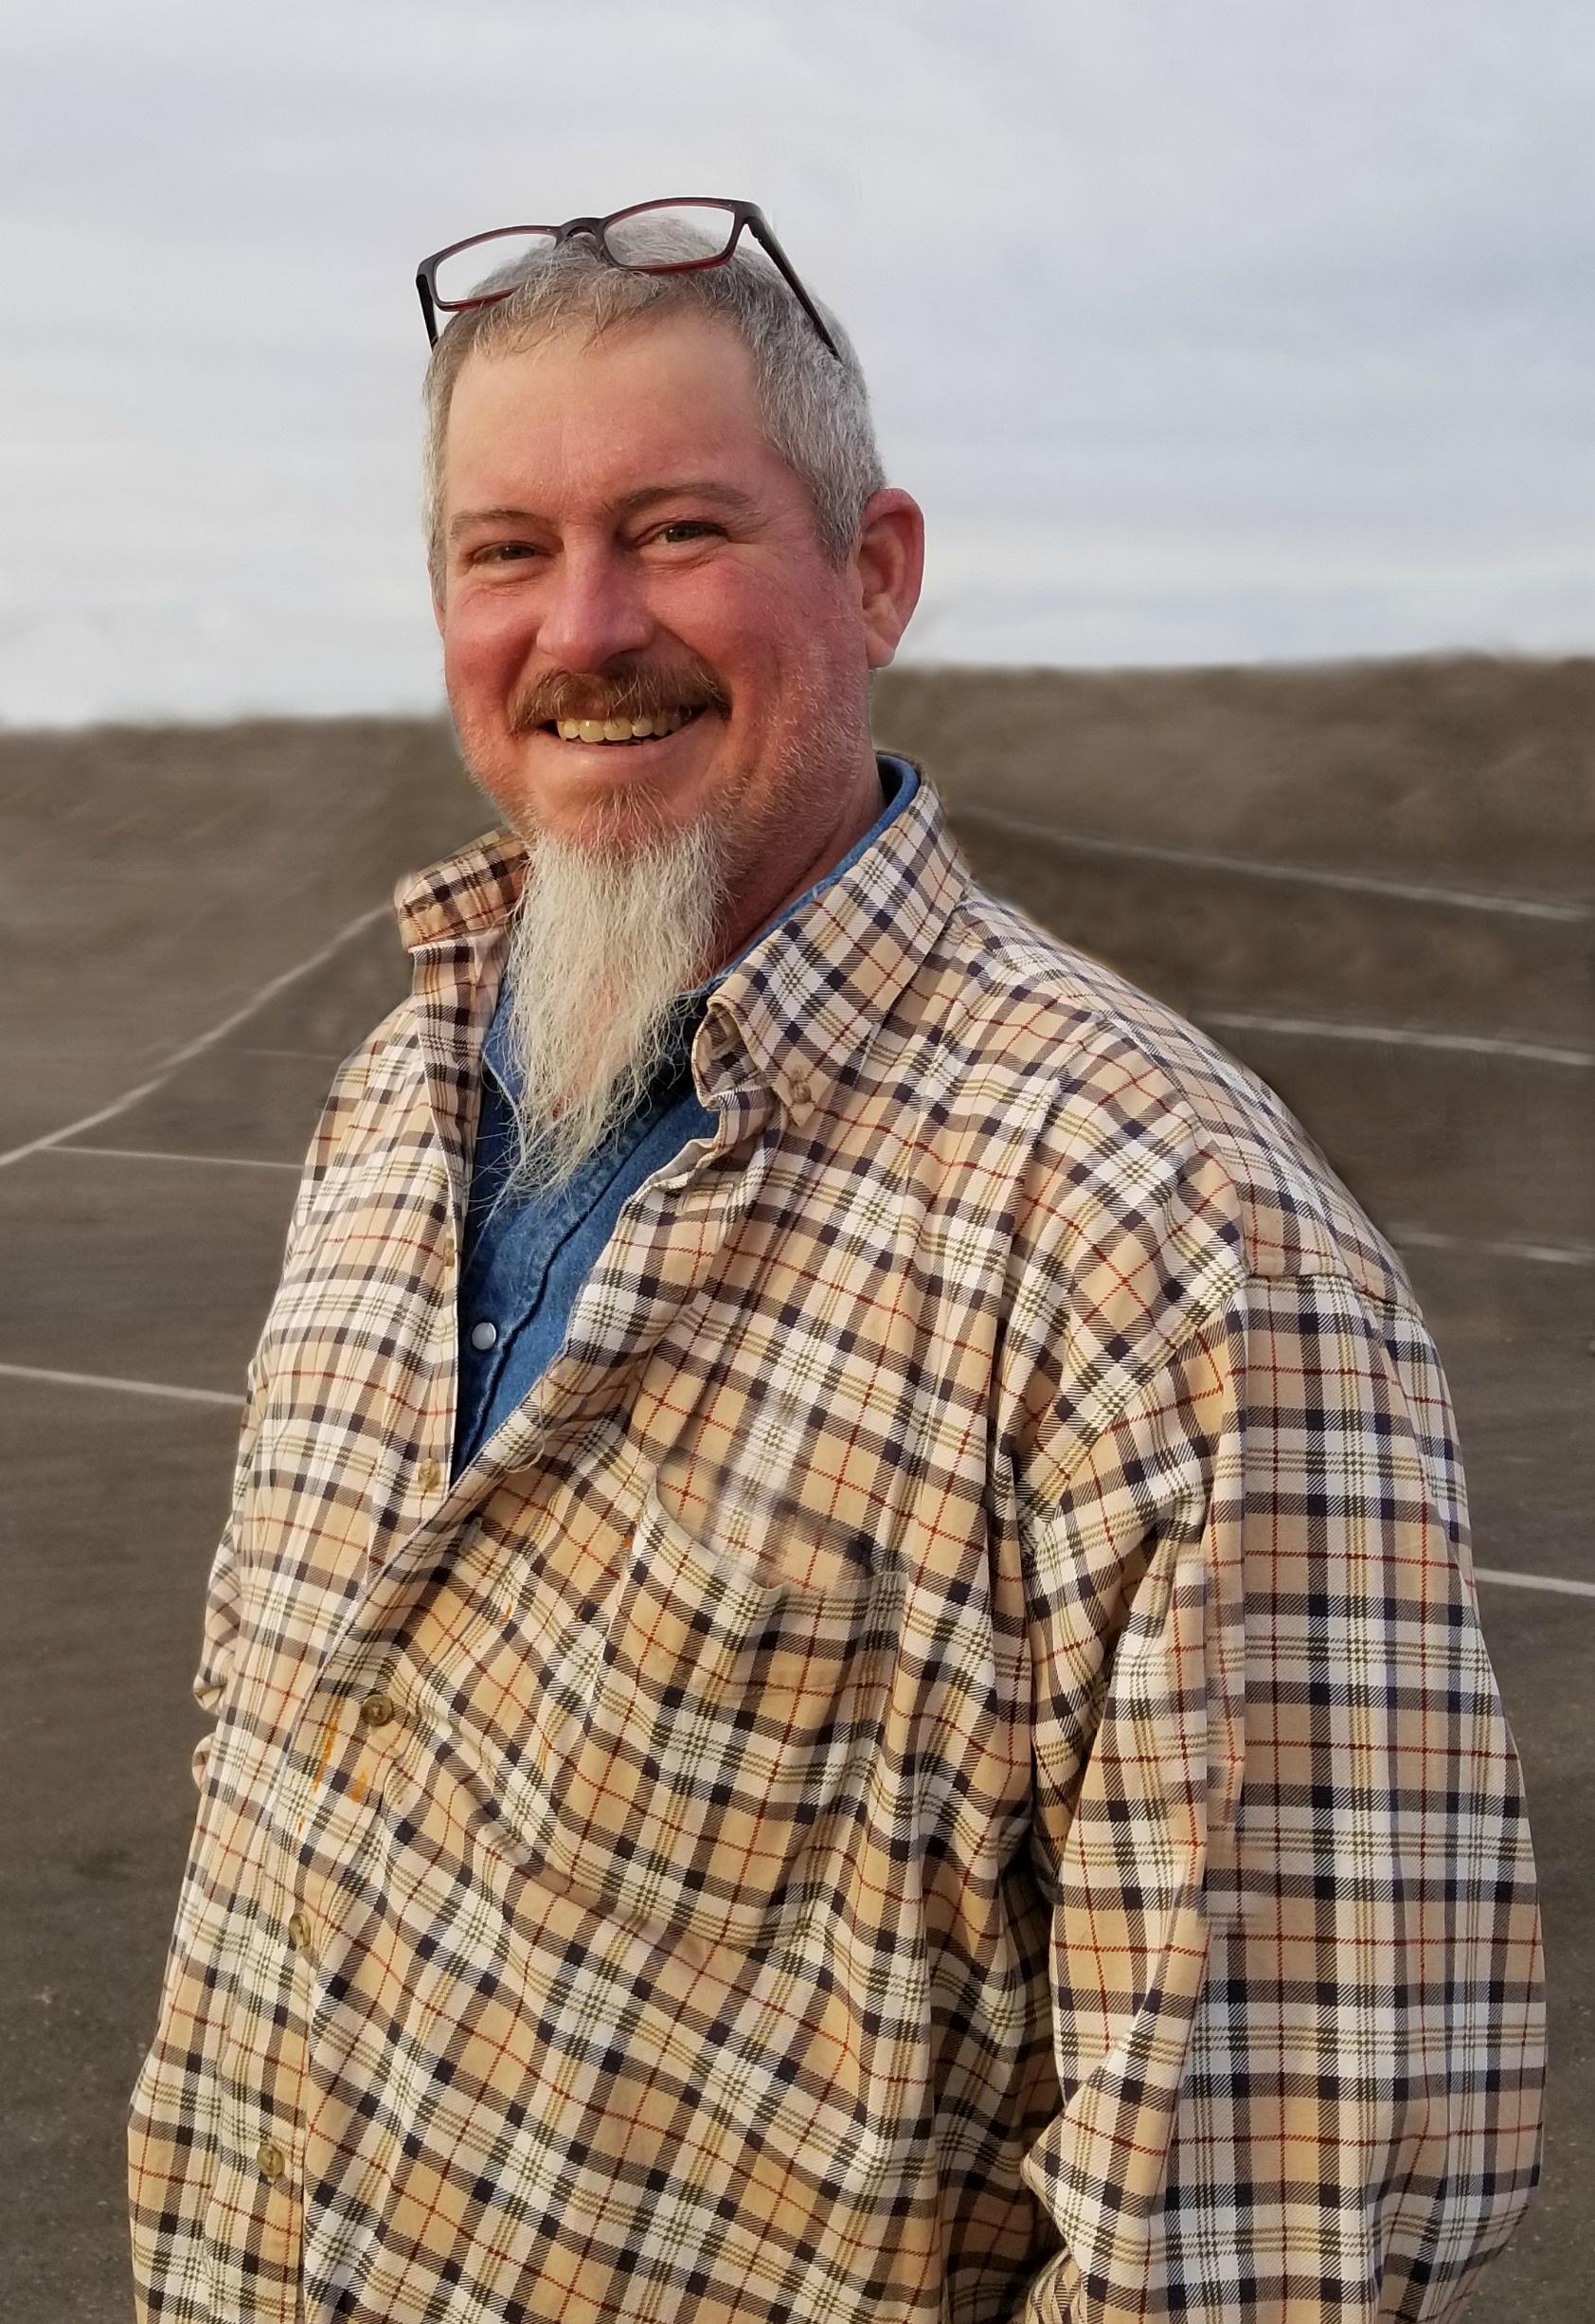 Paul Scott Jager